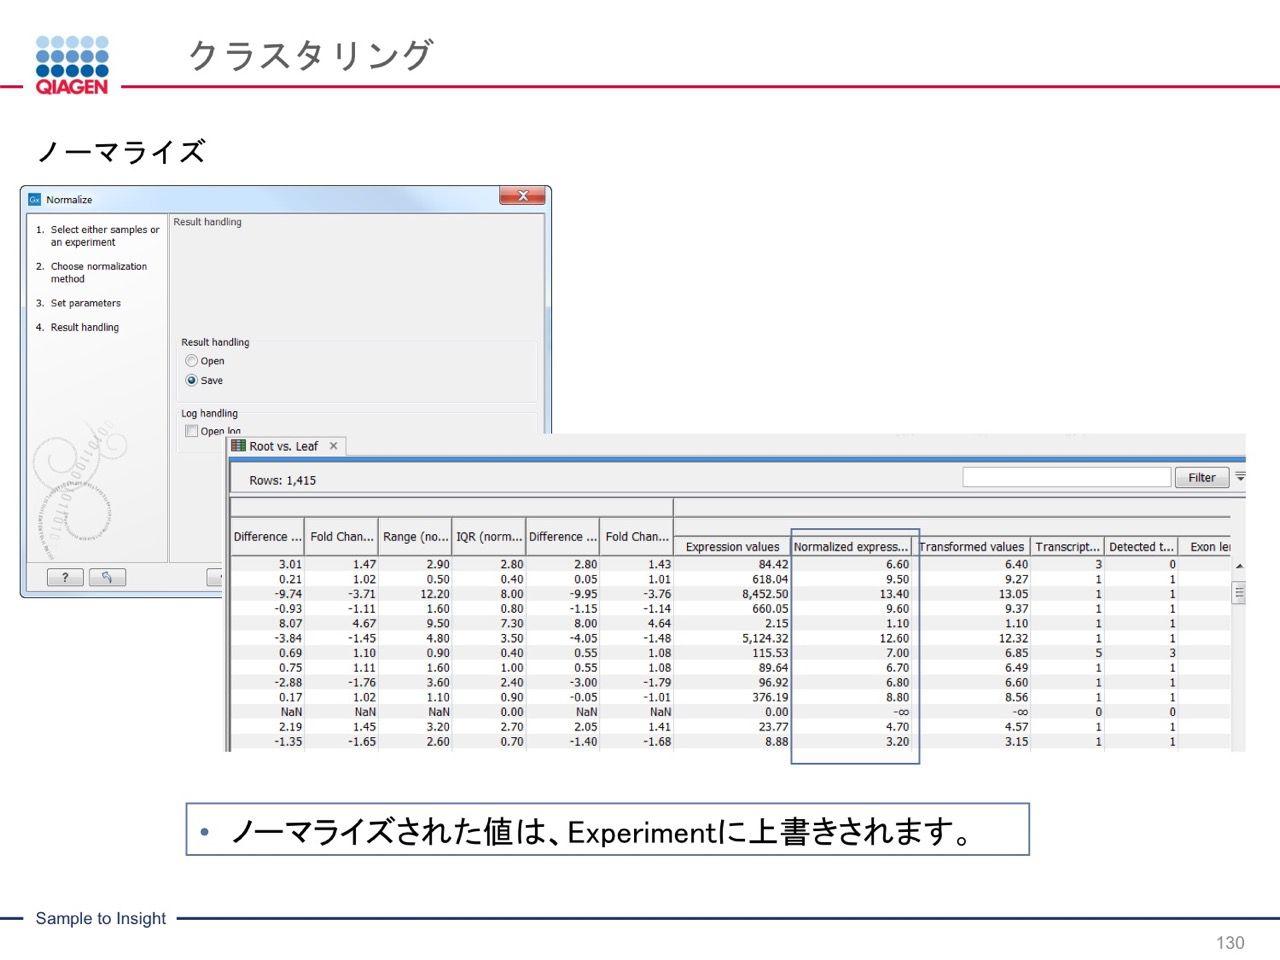 images/AJACSa2_miyamoto_130.jpg